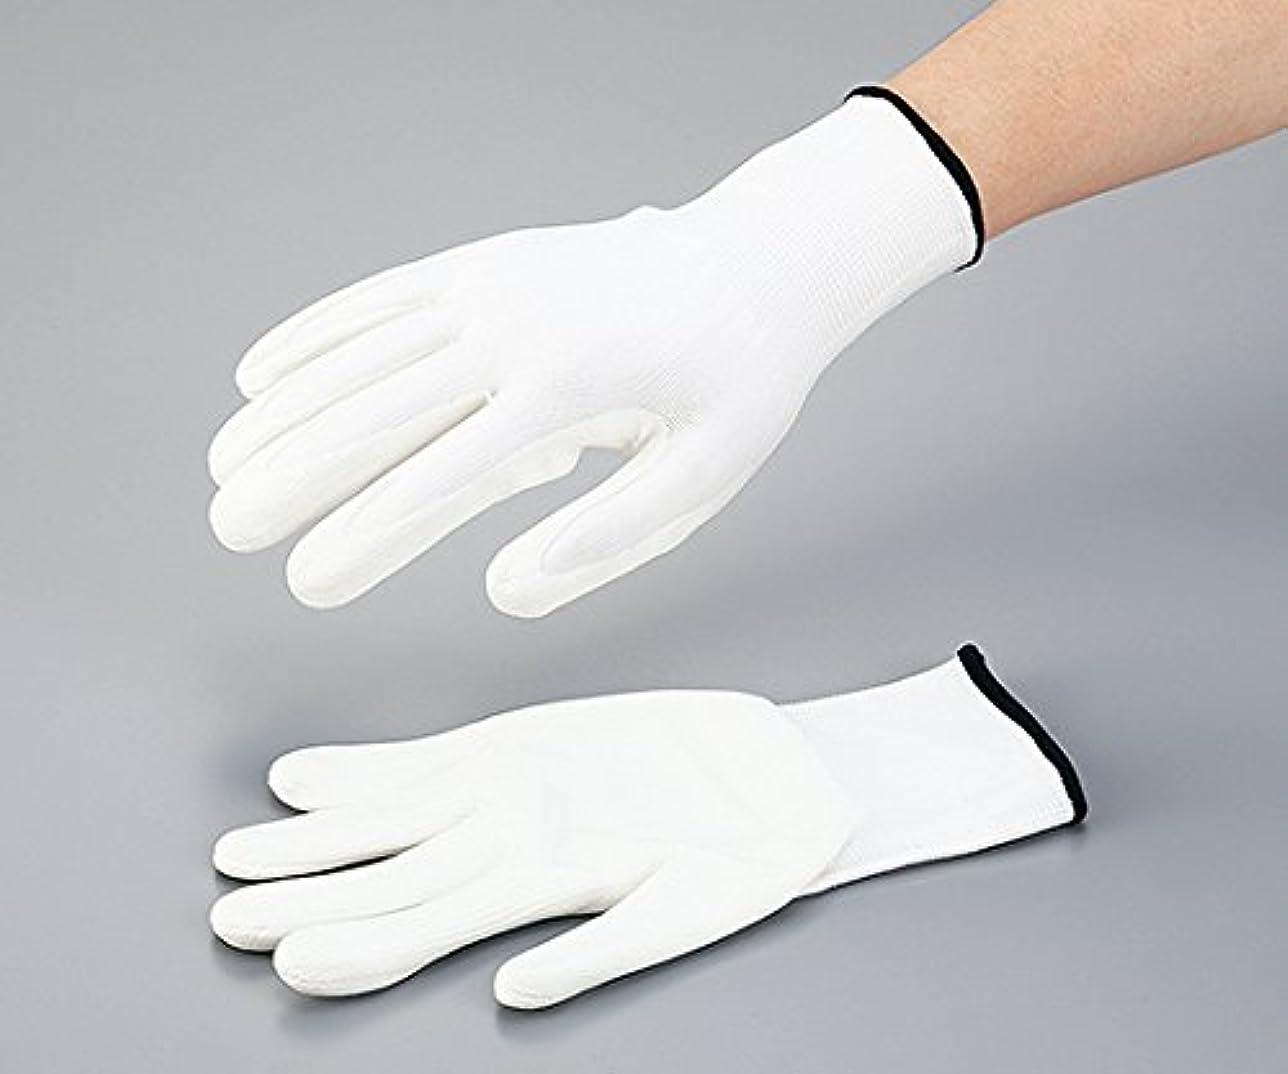 アズワン3-6428-01水溶性PUコート耐切創手袋(カットクラス3)XL